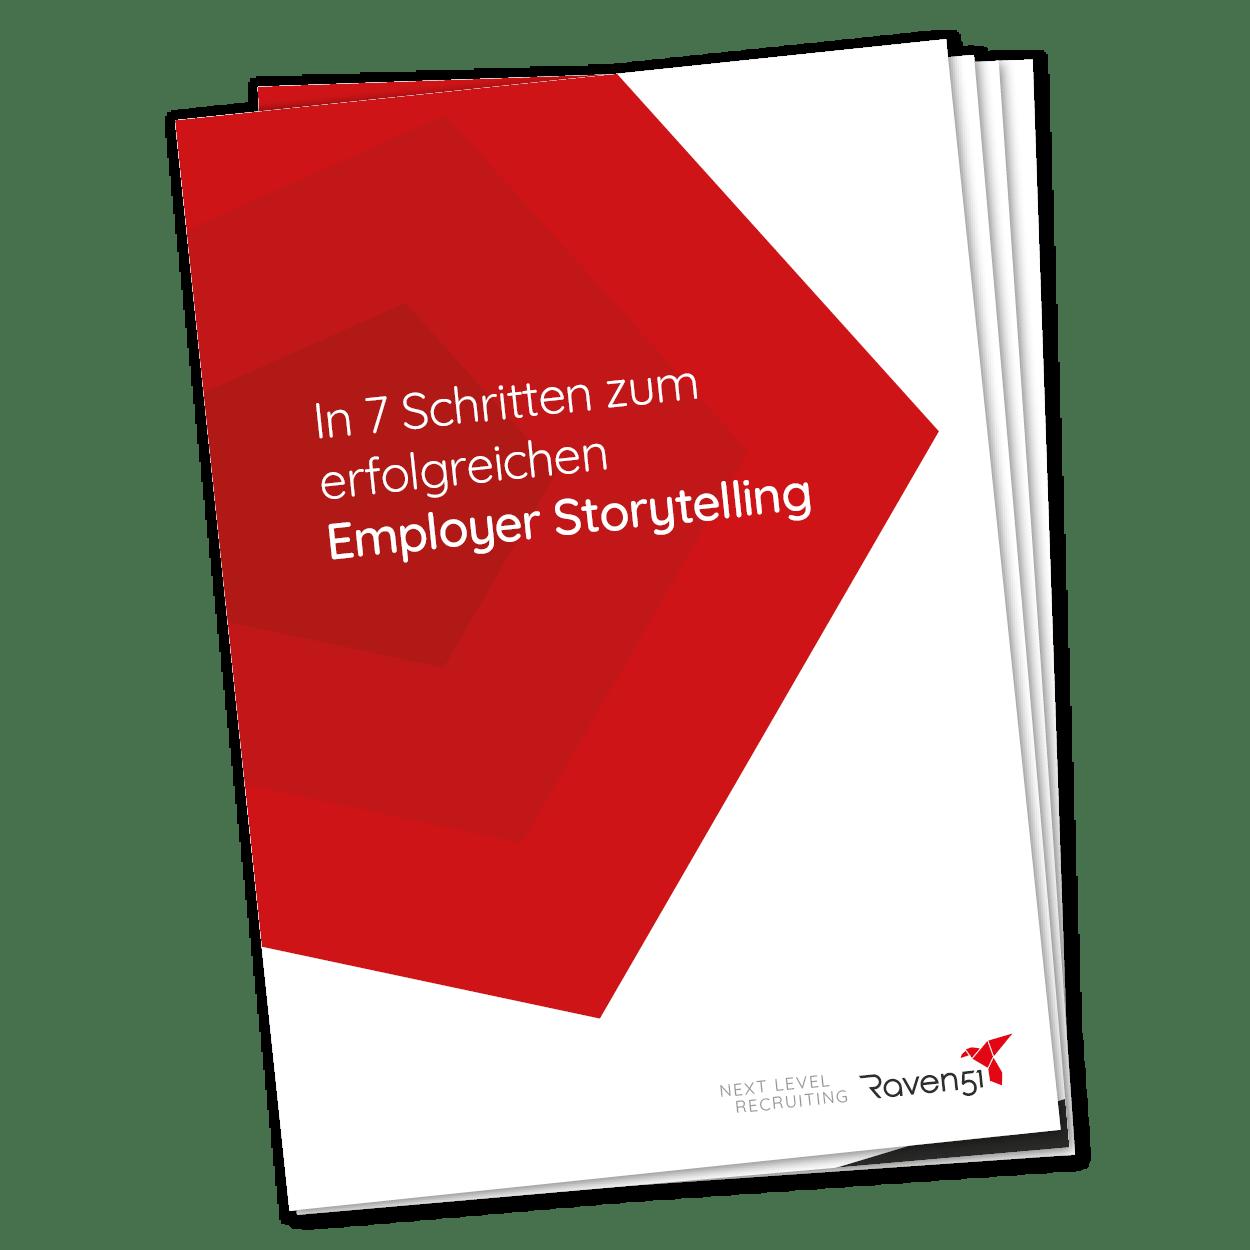 Raven51 - 7 Faktoren-Employer-Branding